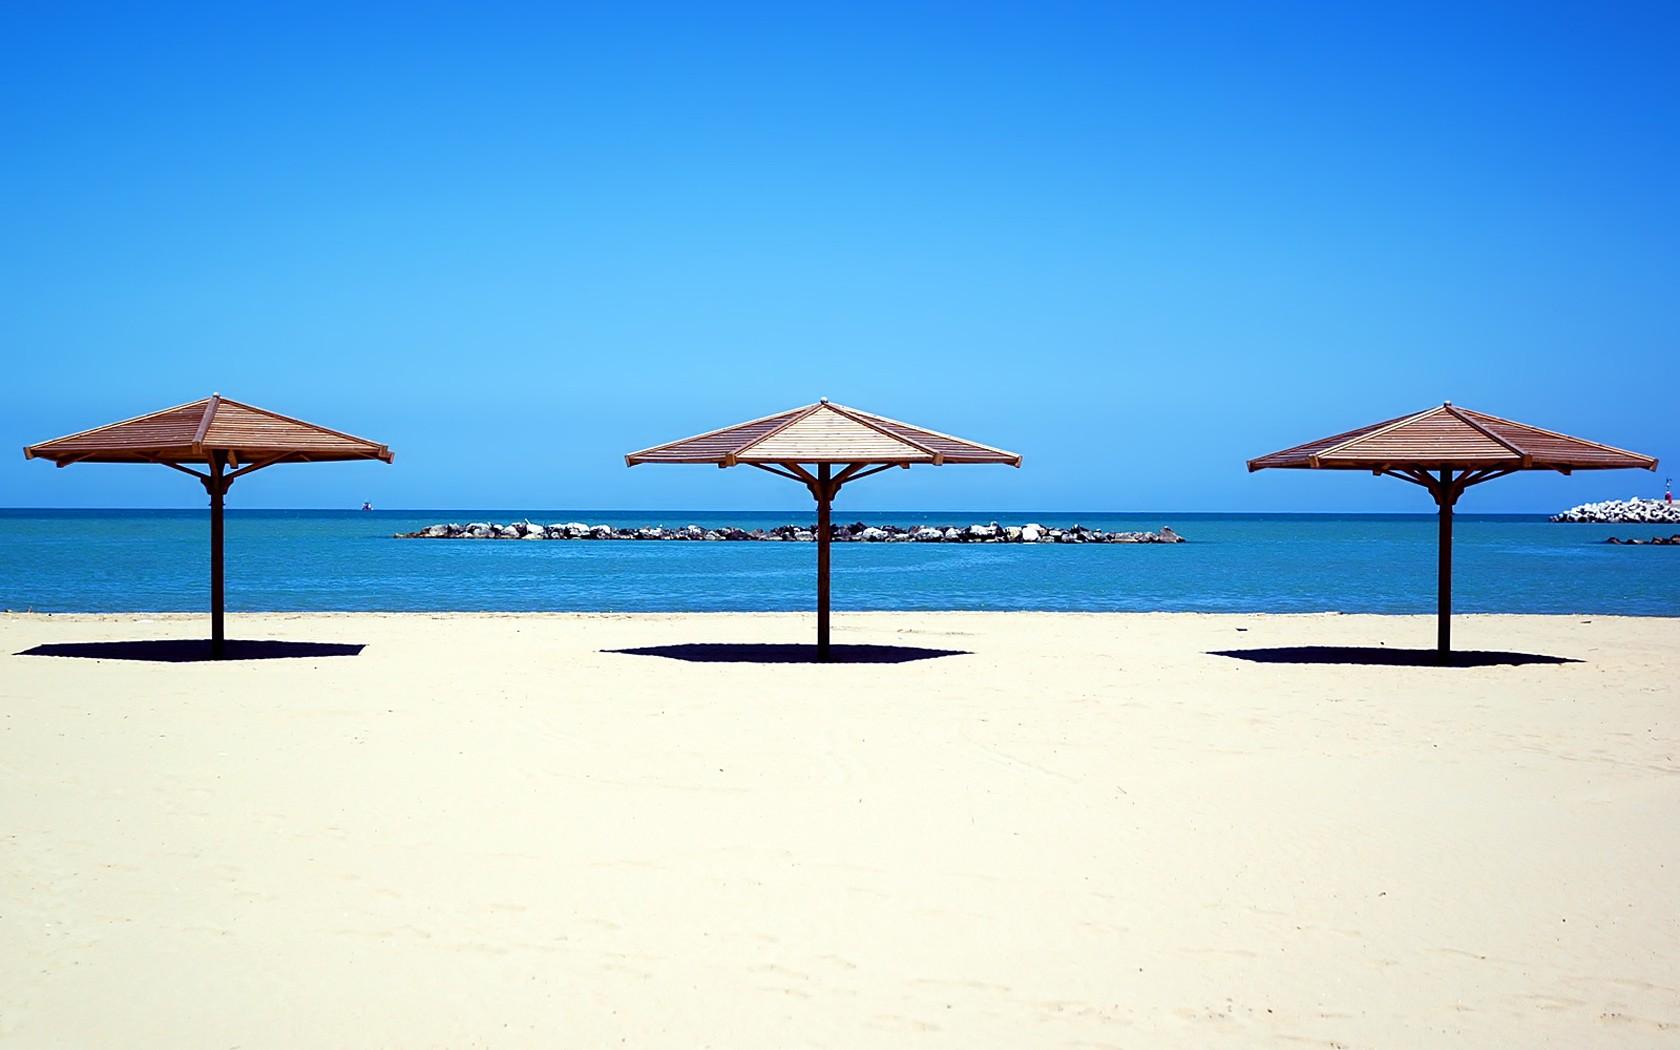 Sombrillas de playa - 1680x1050